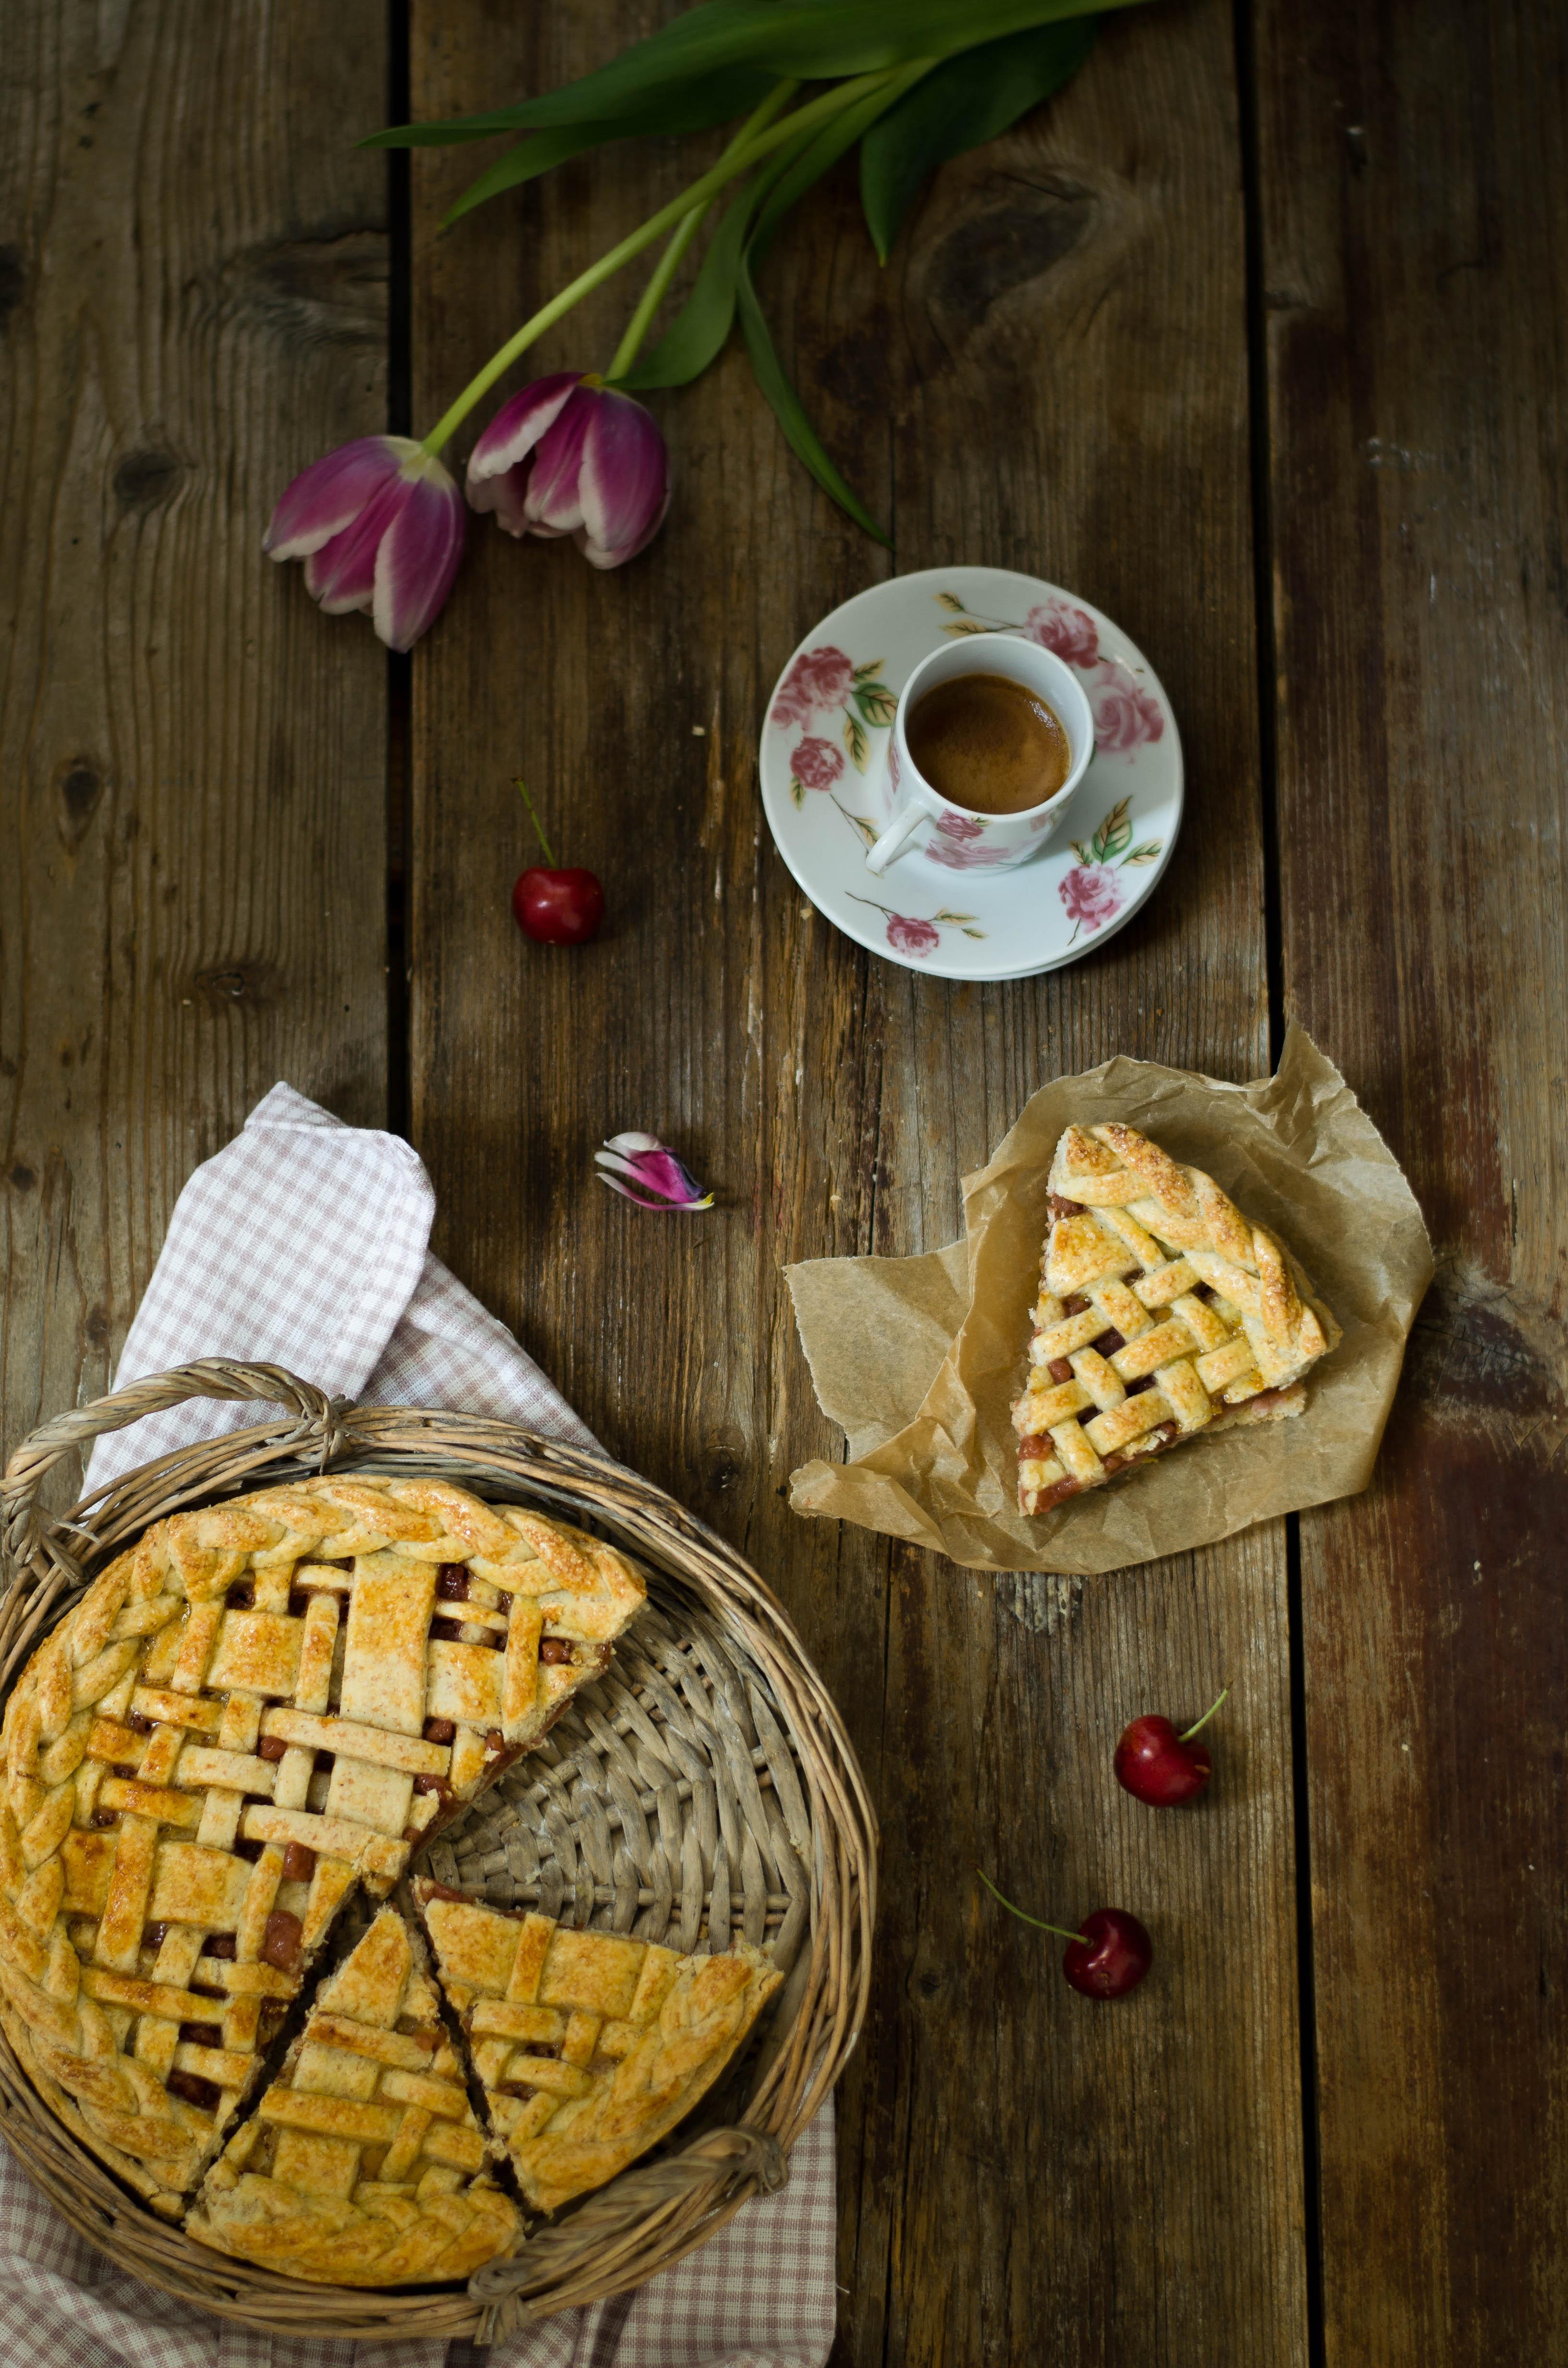 pie_integrale_ciliegie3 Pie integrale con confettura di ciliegie